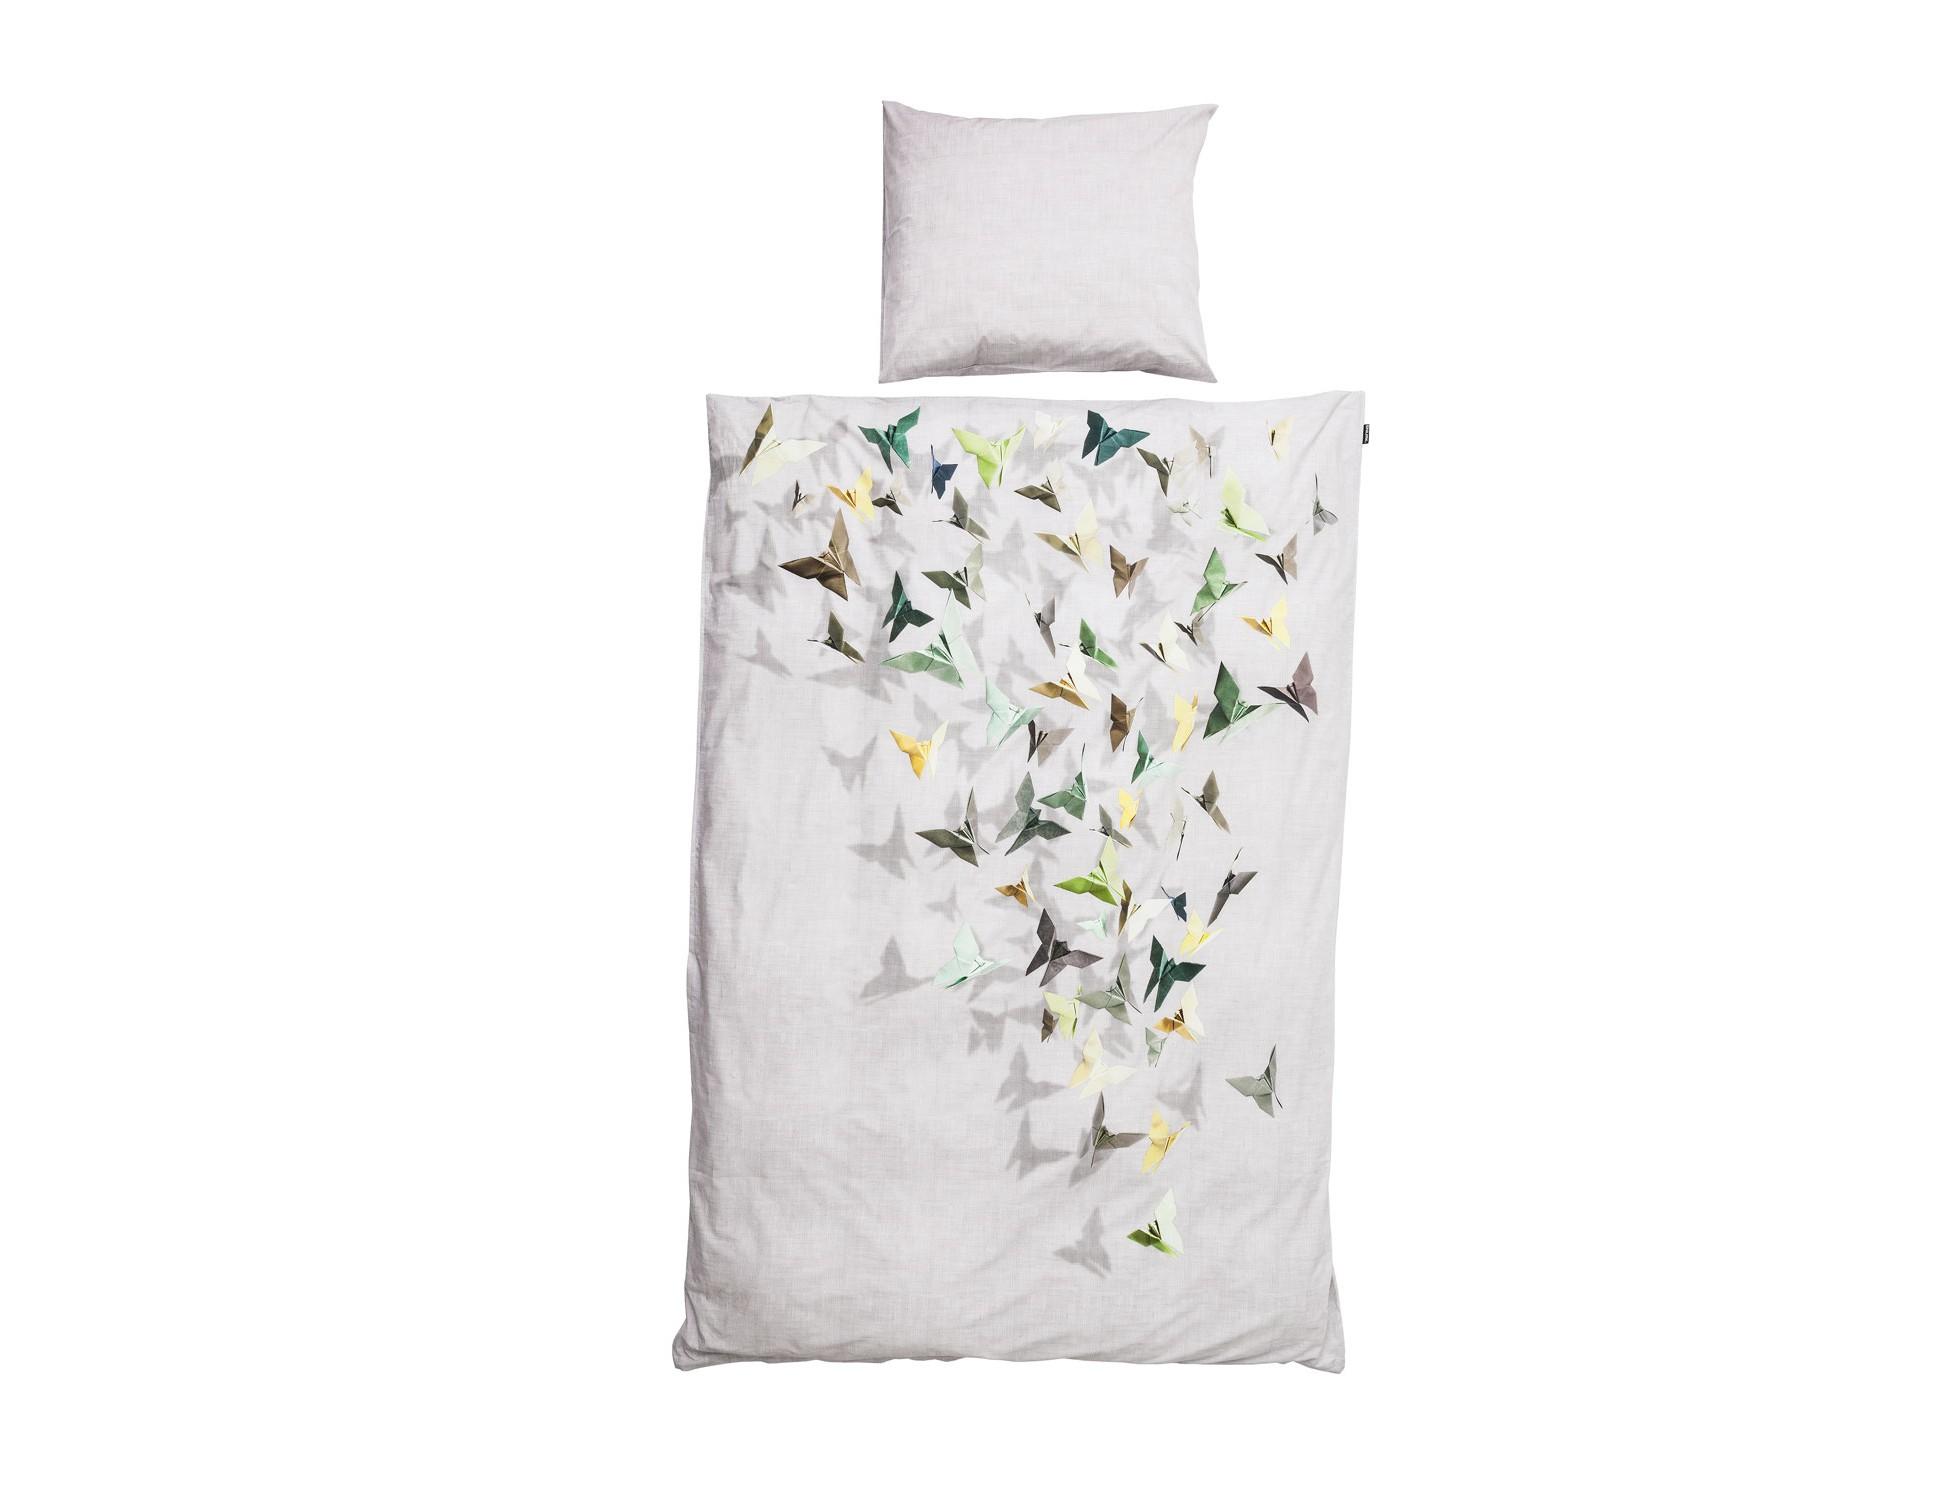 Комплект постельного белья БабочкиПолутороспальные комлпекты постельного белья<br>Представьте себе открытое в спальне окно в летний вечер-вечерний бриз приносит прохладу, а иногда может преподнести красивый сюрприз. Легкие крылья этих красивых созданий украсят любую спальню. Мы запечатлели прекрасных бабочек из оригами на фотопленку, что бы вы всегда могли наслаждаться летним настроением.&amp;amp;nbsp;&amp;lt;div&amp;gt;&amp;lt;br&amp;gt;&amp;lt;/div&amp;gt;&amp;lt;div&amp;gt;Материал: 100% хлопок ПЕРКАЛЬ (плотность ткани 214г/м2).&amp;amp;nbsp;&amp;lt;div&amp;gt;&amp;lt;span style=&amp;quot;line-height: 1.78571;&amp;quot;&amp;gt;В комплект входит: пододеяльник 150х200 см - 1 шт, наволочка 50х70 см - 1 шт.&amp;lt;/span&amp;gt;&amp;lt;br&amp;gt;&amp;lt;/div&amp;gt;&amp;lt;/div&amp;gt;<br><br>Material: Хлопок<br>Ширина см: 150<br>Глубина см: 200